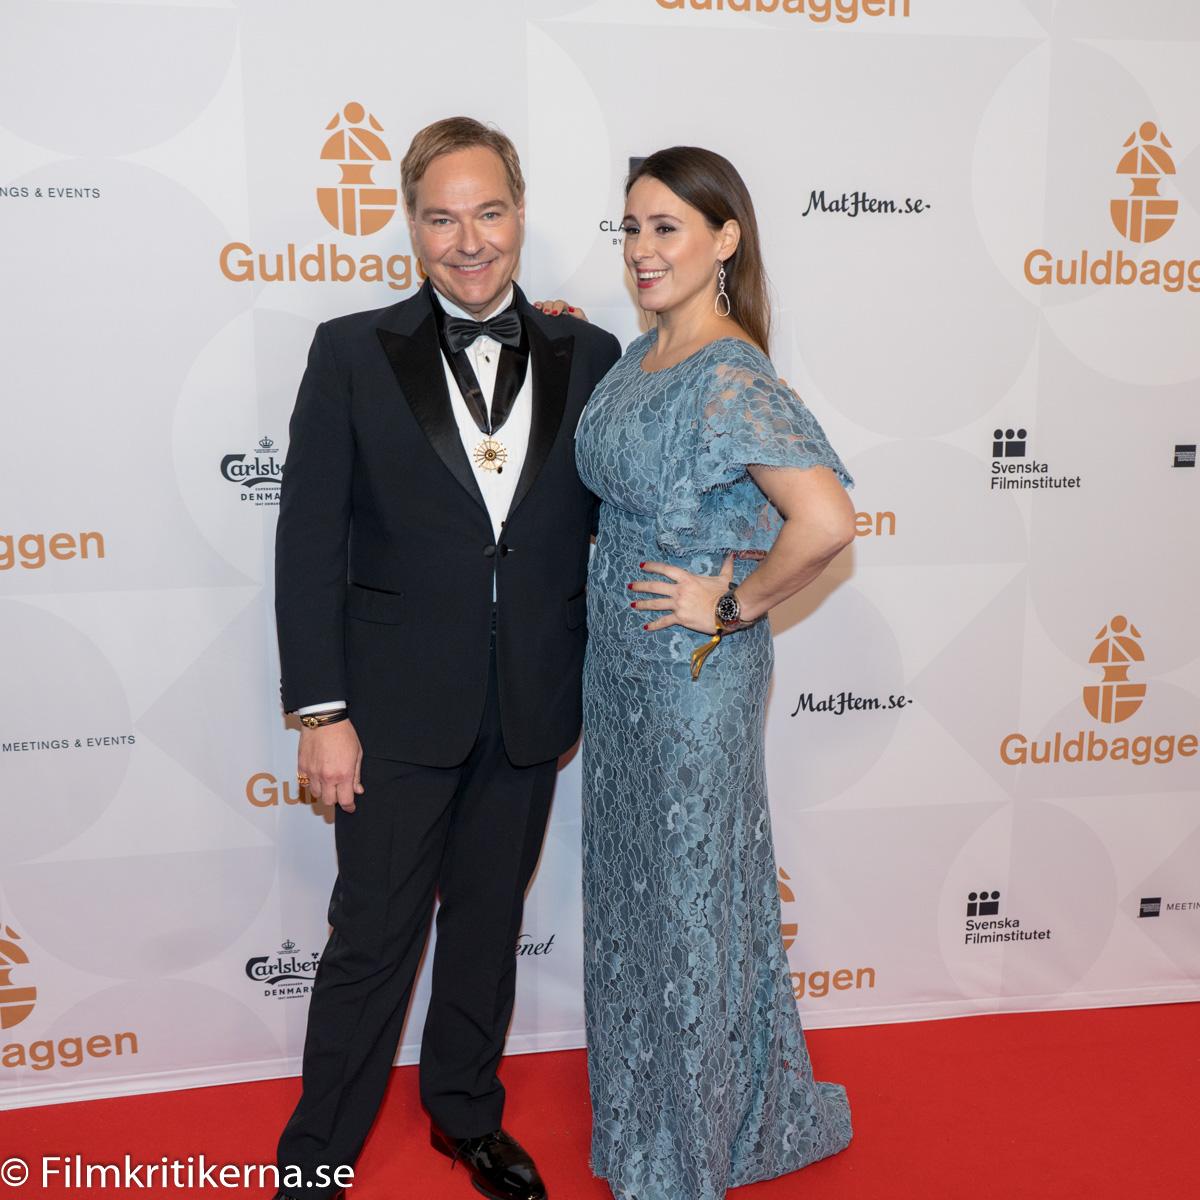 guldbaggen vinnare 2019